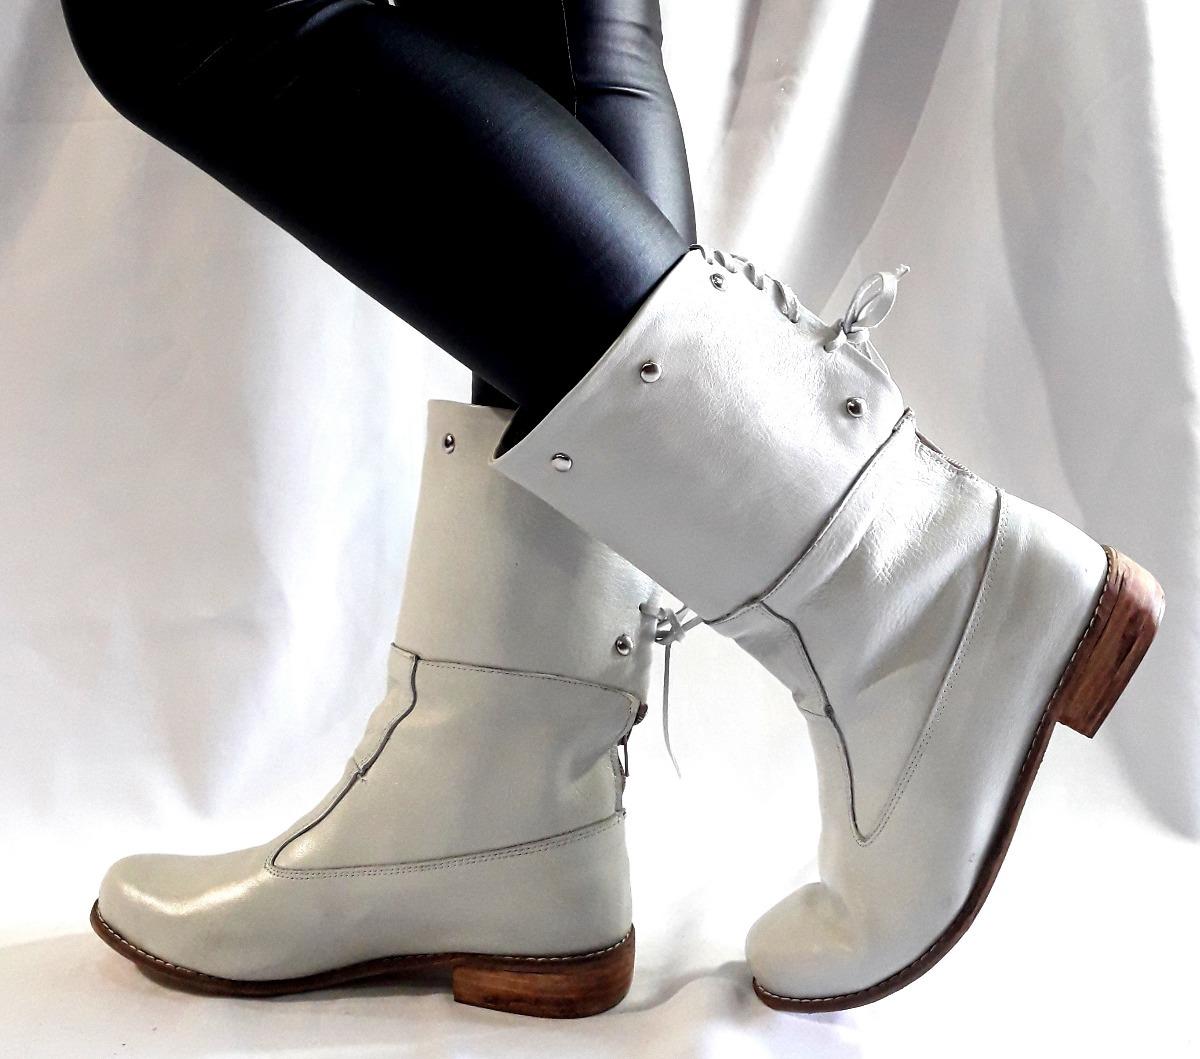 d4ec2929e sam123 botas cortas talles grandes cuero mujer 024 hueso. Cargando zoom.